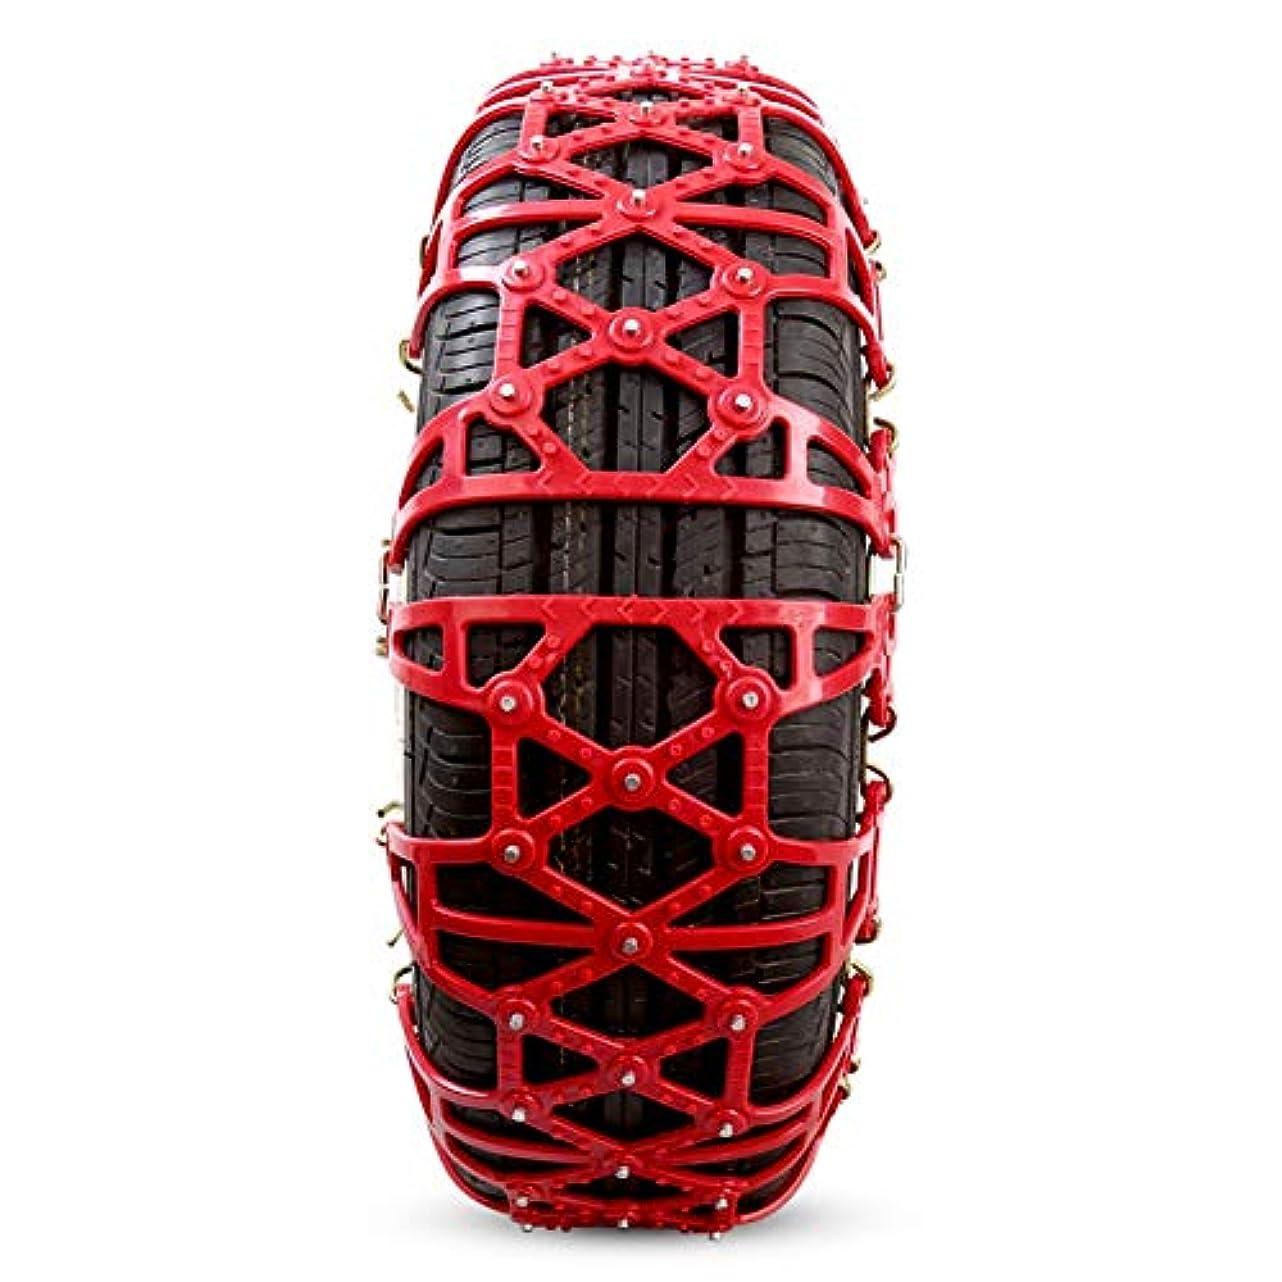 塗抹会議教授タイヤチェーン マウント緊急トラクションへの容易なポータブルタイヤのスノーチェーンアンチスキッド (Color : Red, Size : 215/55 R17)